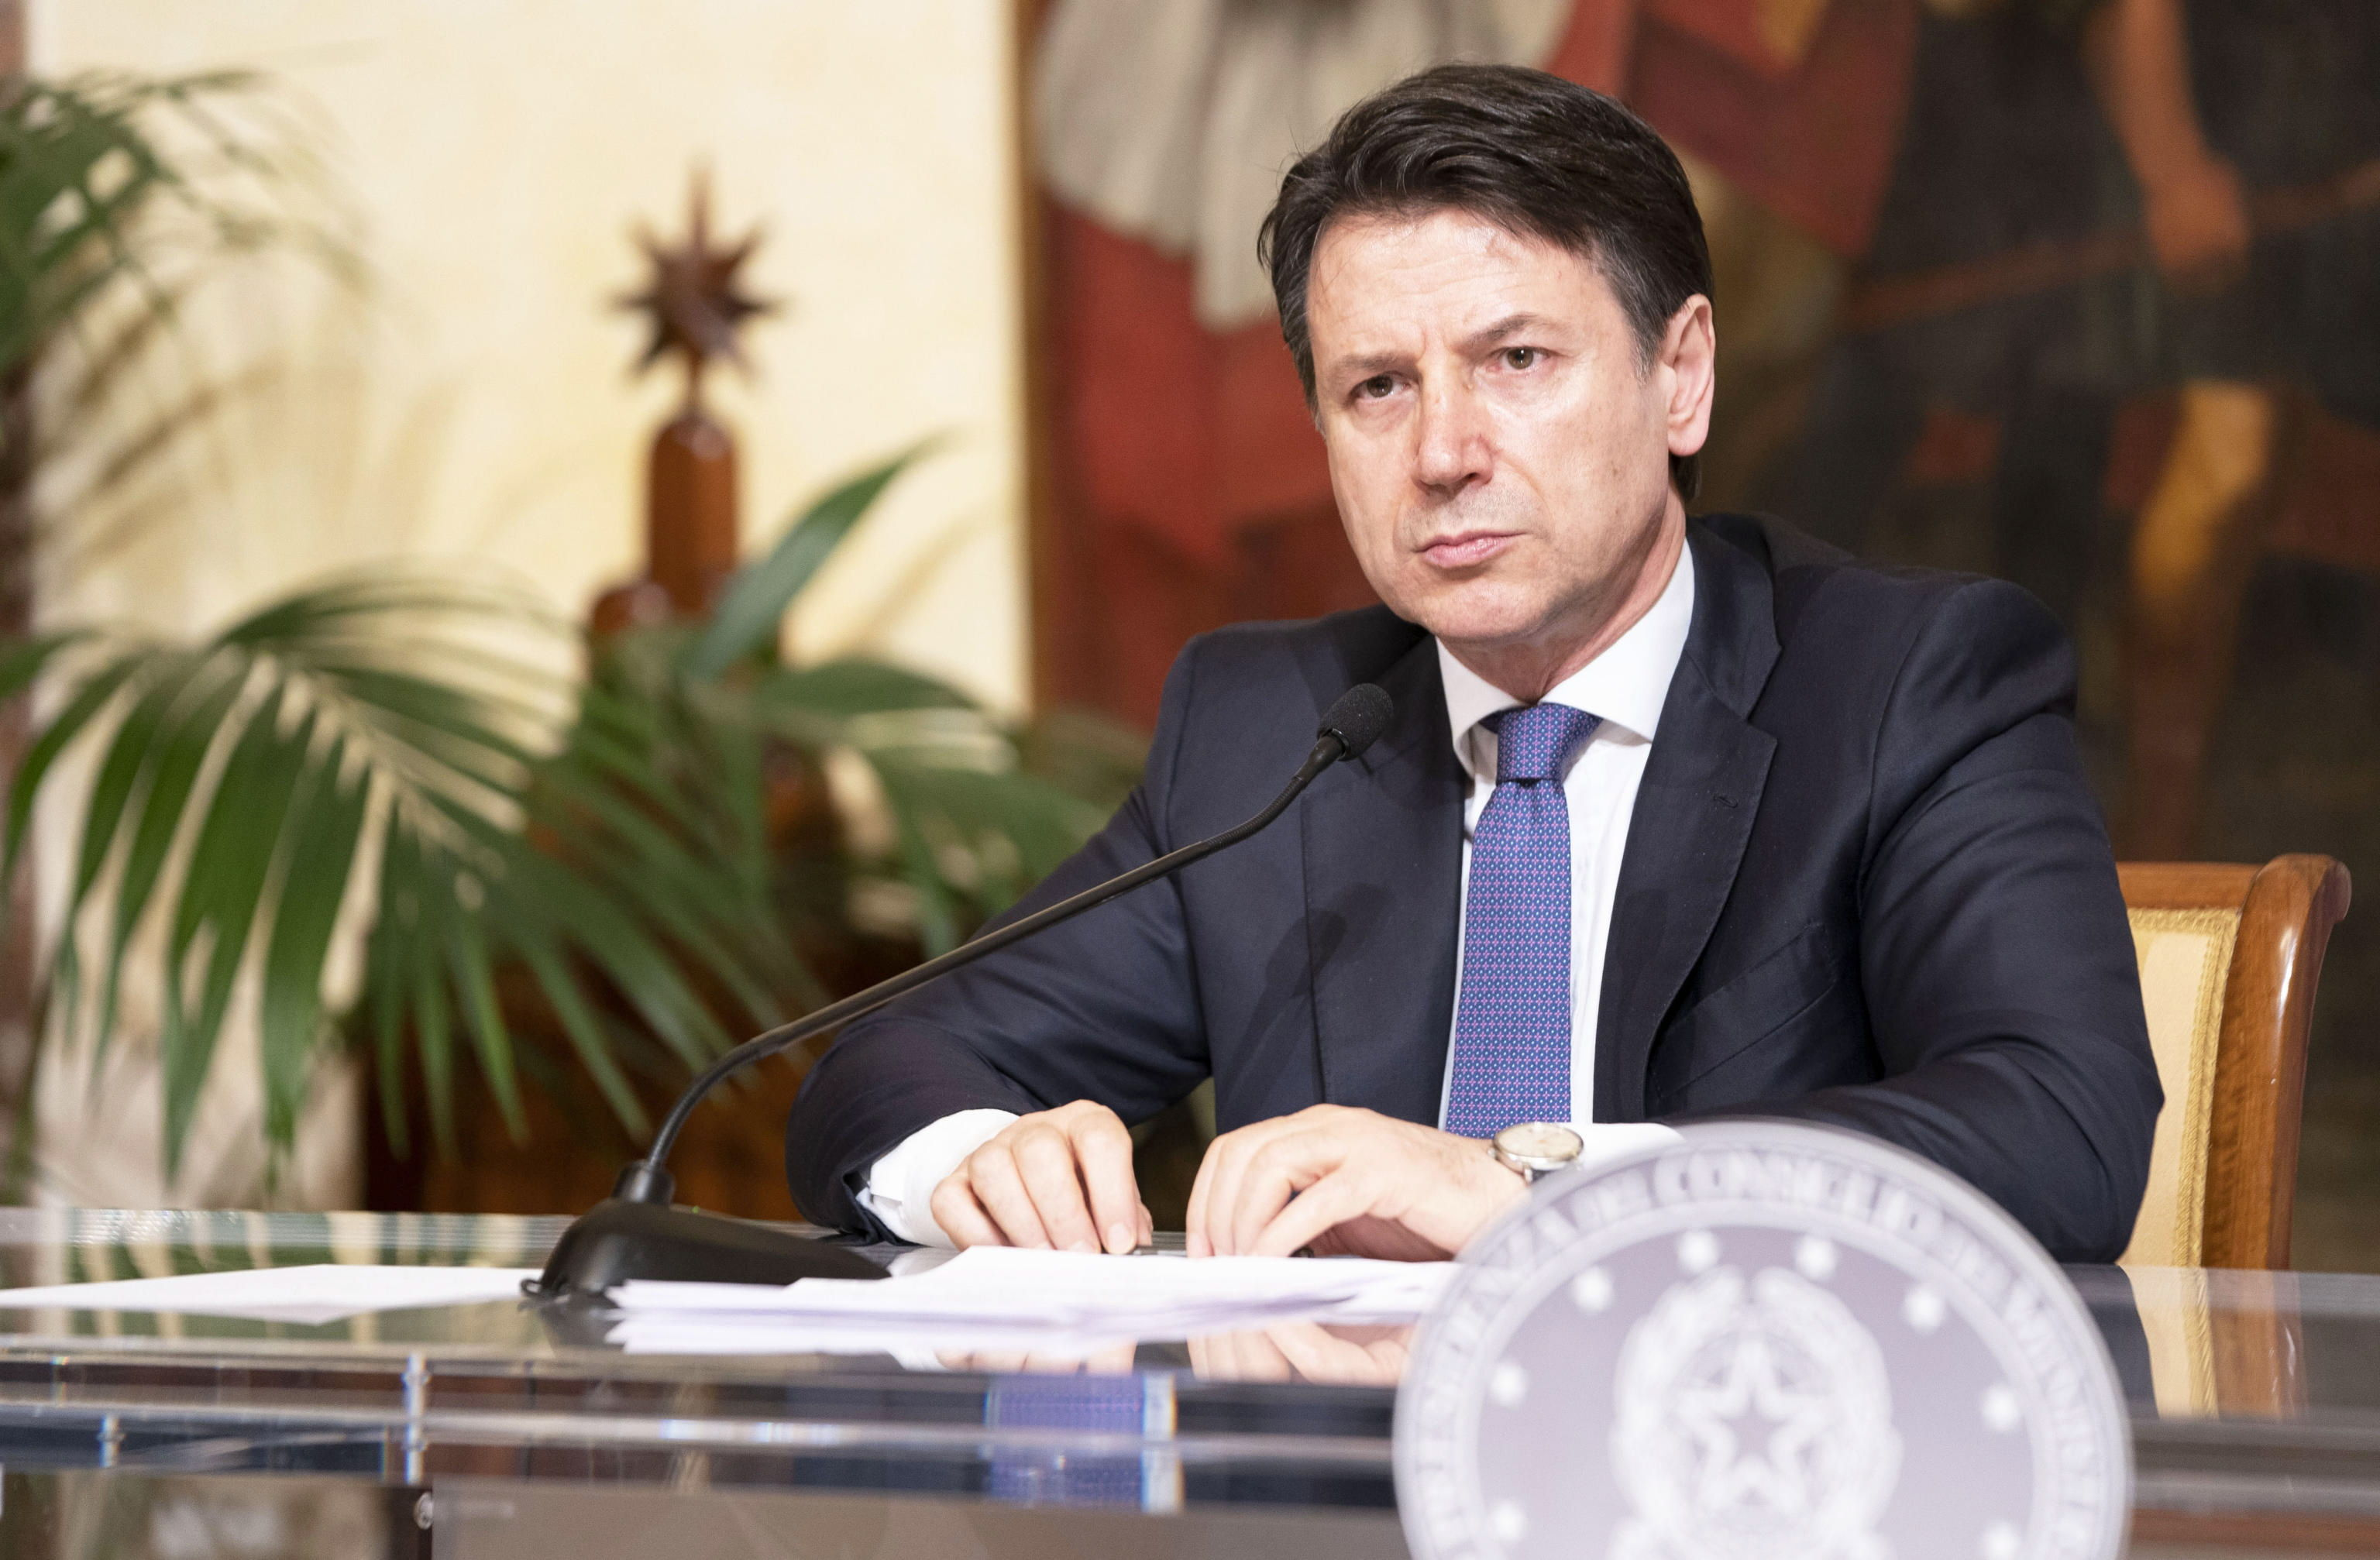 Coronavirus: Italia anuncia 400 millones de euros para ayudar a los  ciudadanos sin recursos a hacer la compra | Sociedad | EL PAÍS